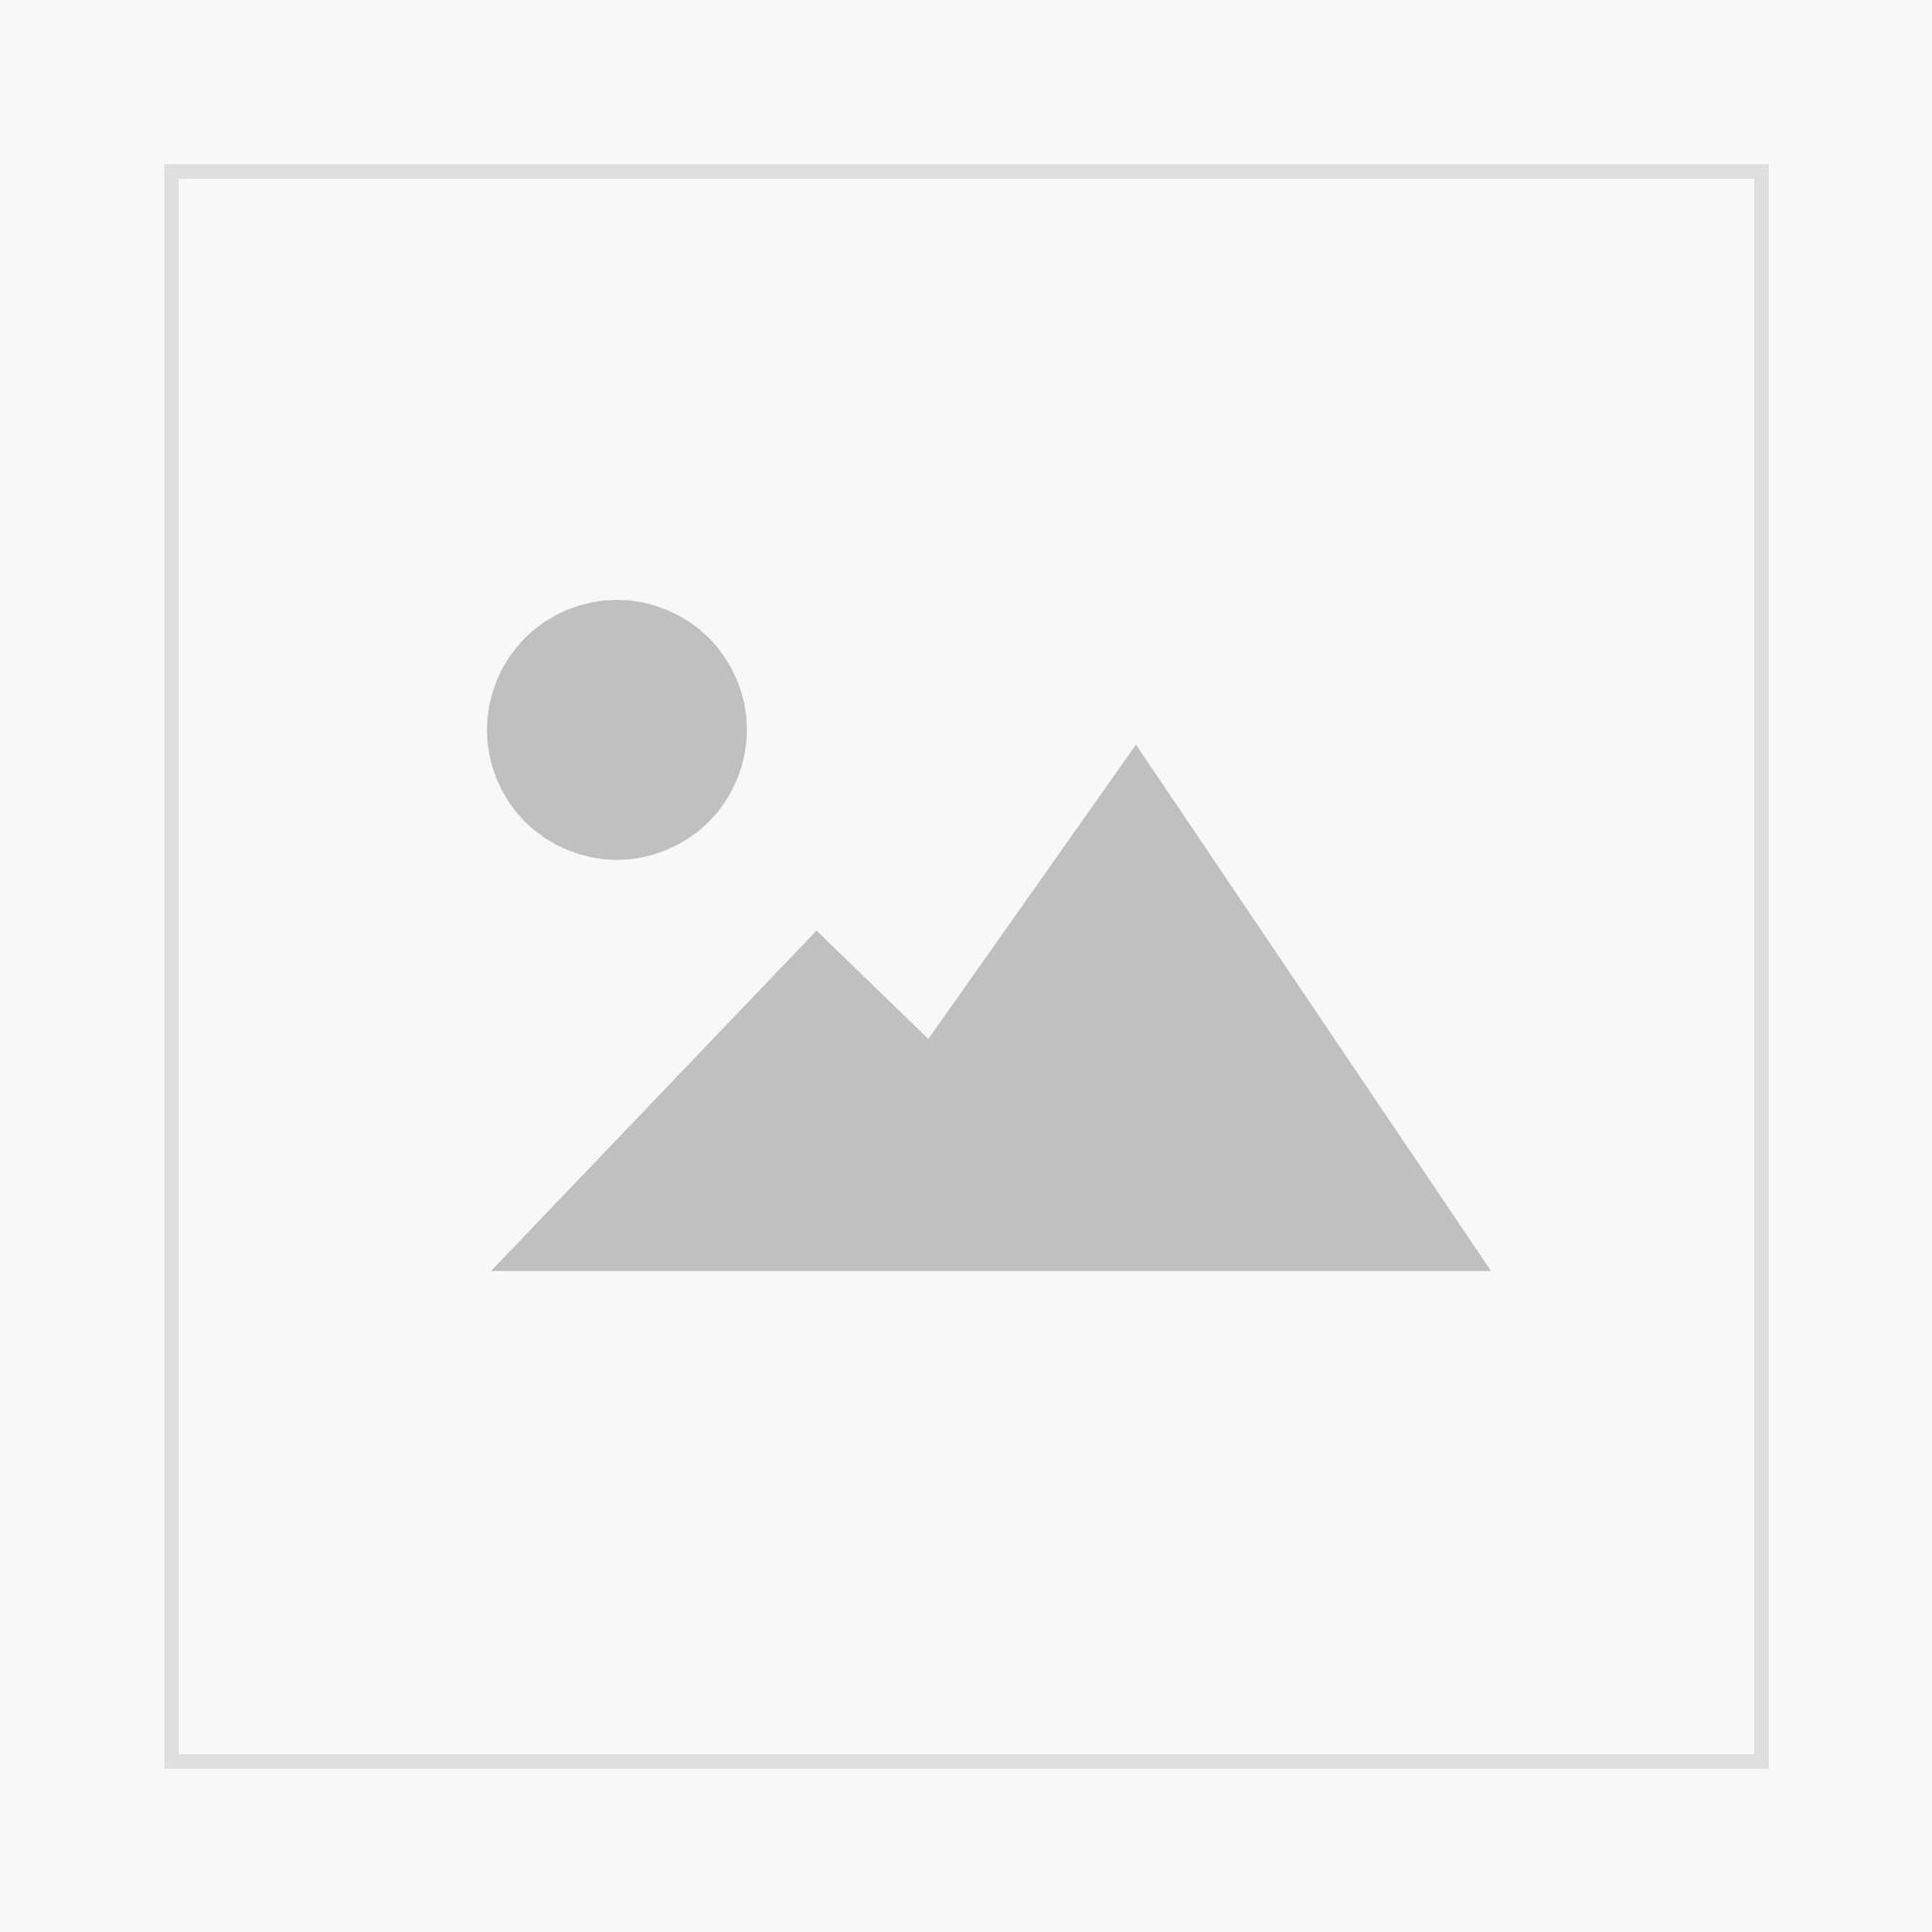 LuN Heft 35: Einsichten in die Ökologie der Elritze - Phoxinus phoxinus (L.), praktische Grundlagen zum schutz einer gefährdeten Fischart.